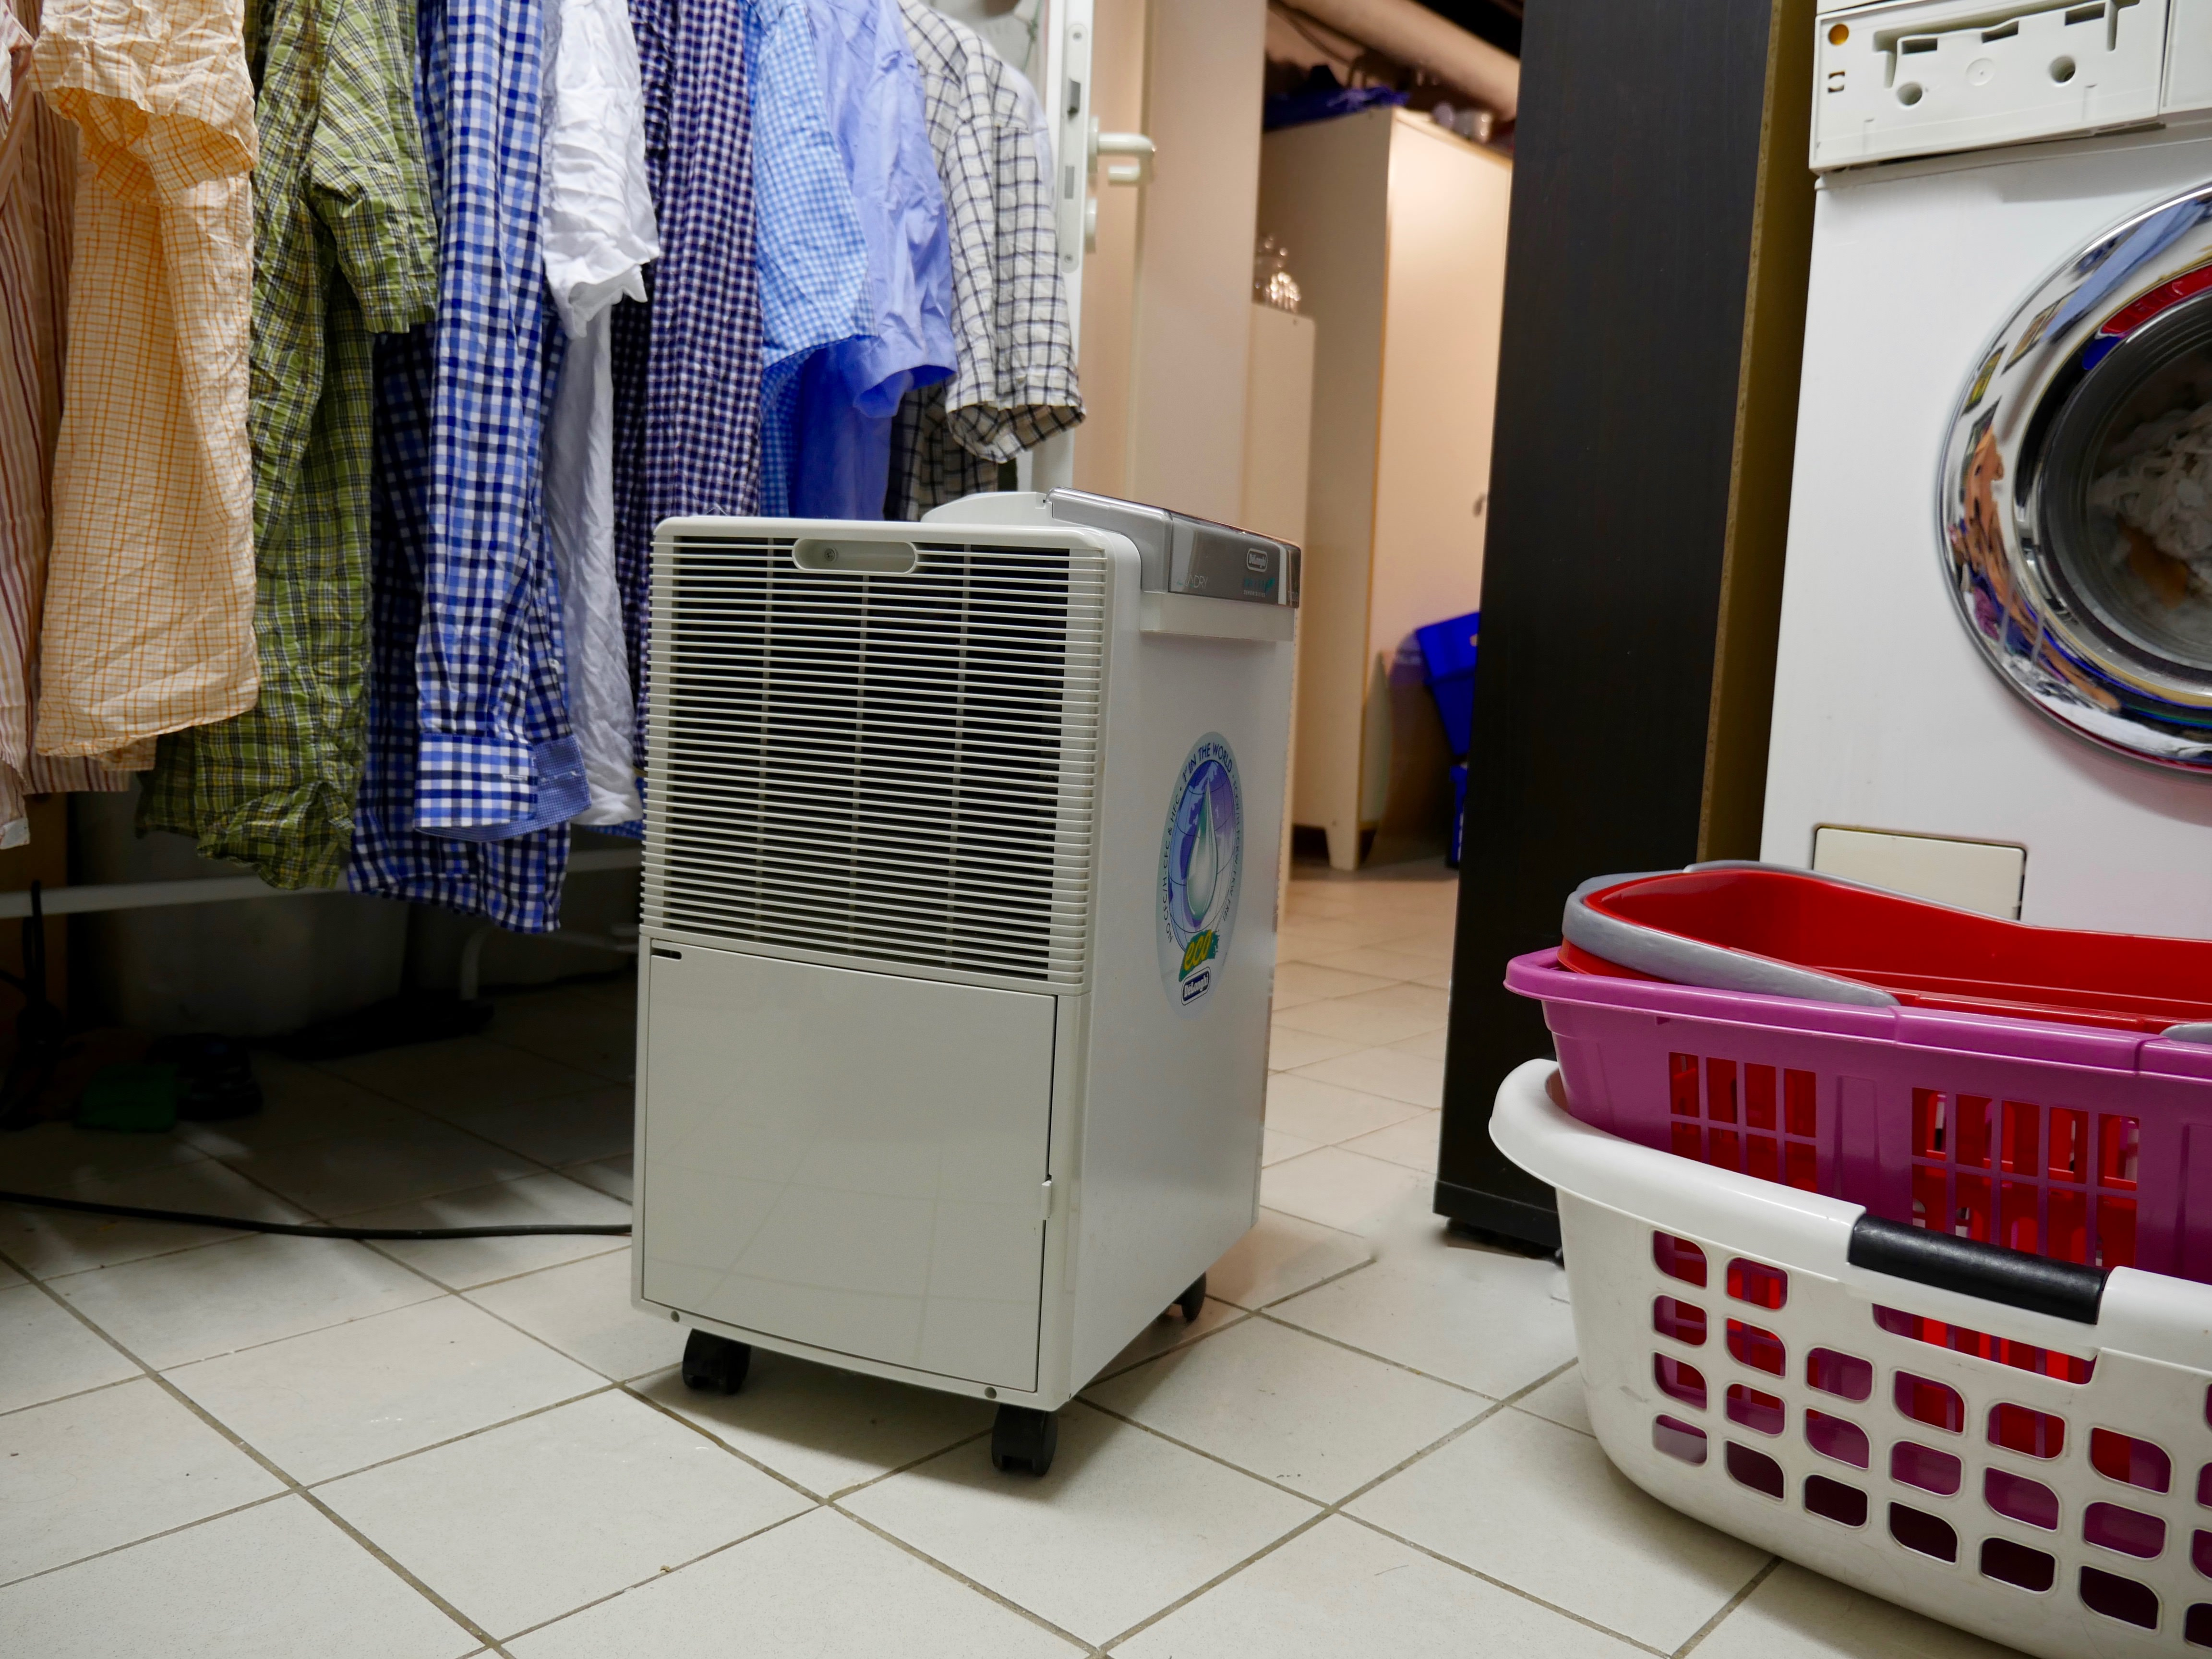 feuchter keller wie kann ein luftentfeuchter helfen fragdenstein de